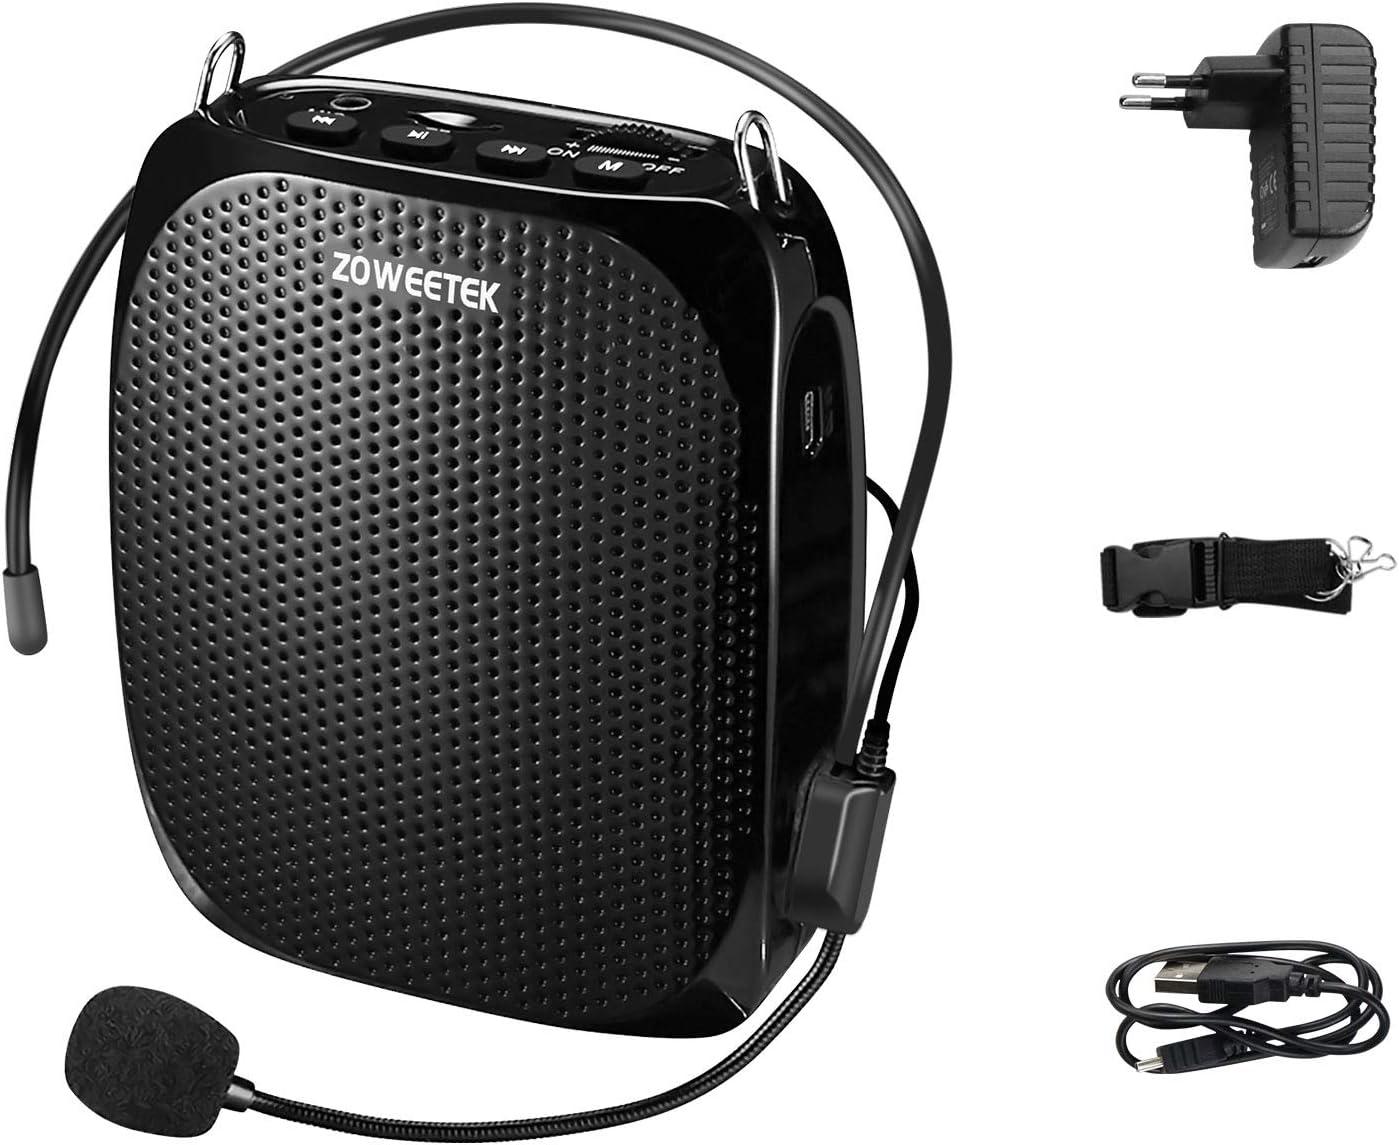 Zoweetek® Amplificador de voz Altavoz portátil ligero recargable 1800mAh Continue 8–15H con micrófono para los profesores, entrenadores, guías, presentaciones, disfraces, etc.